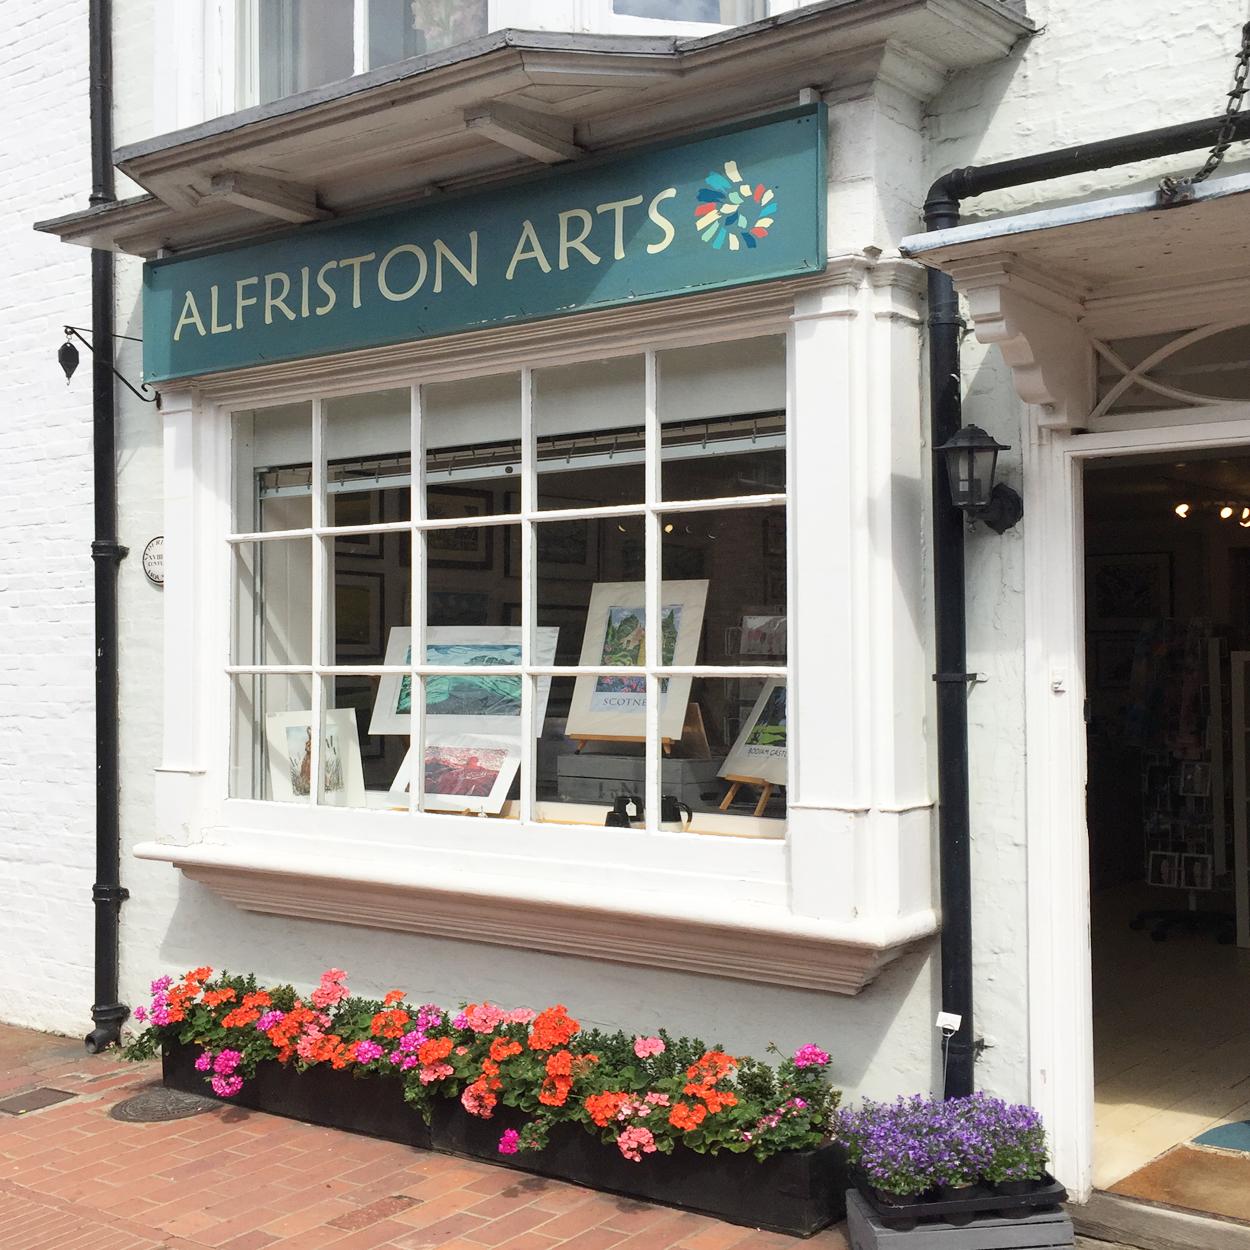 Alfriston-Arts-Shop-Front.jpg